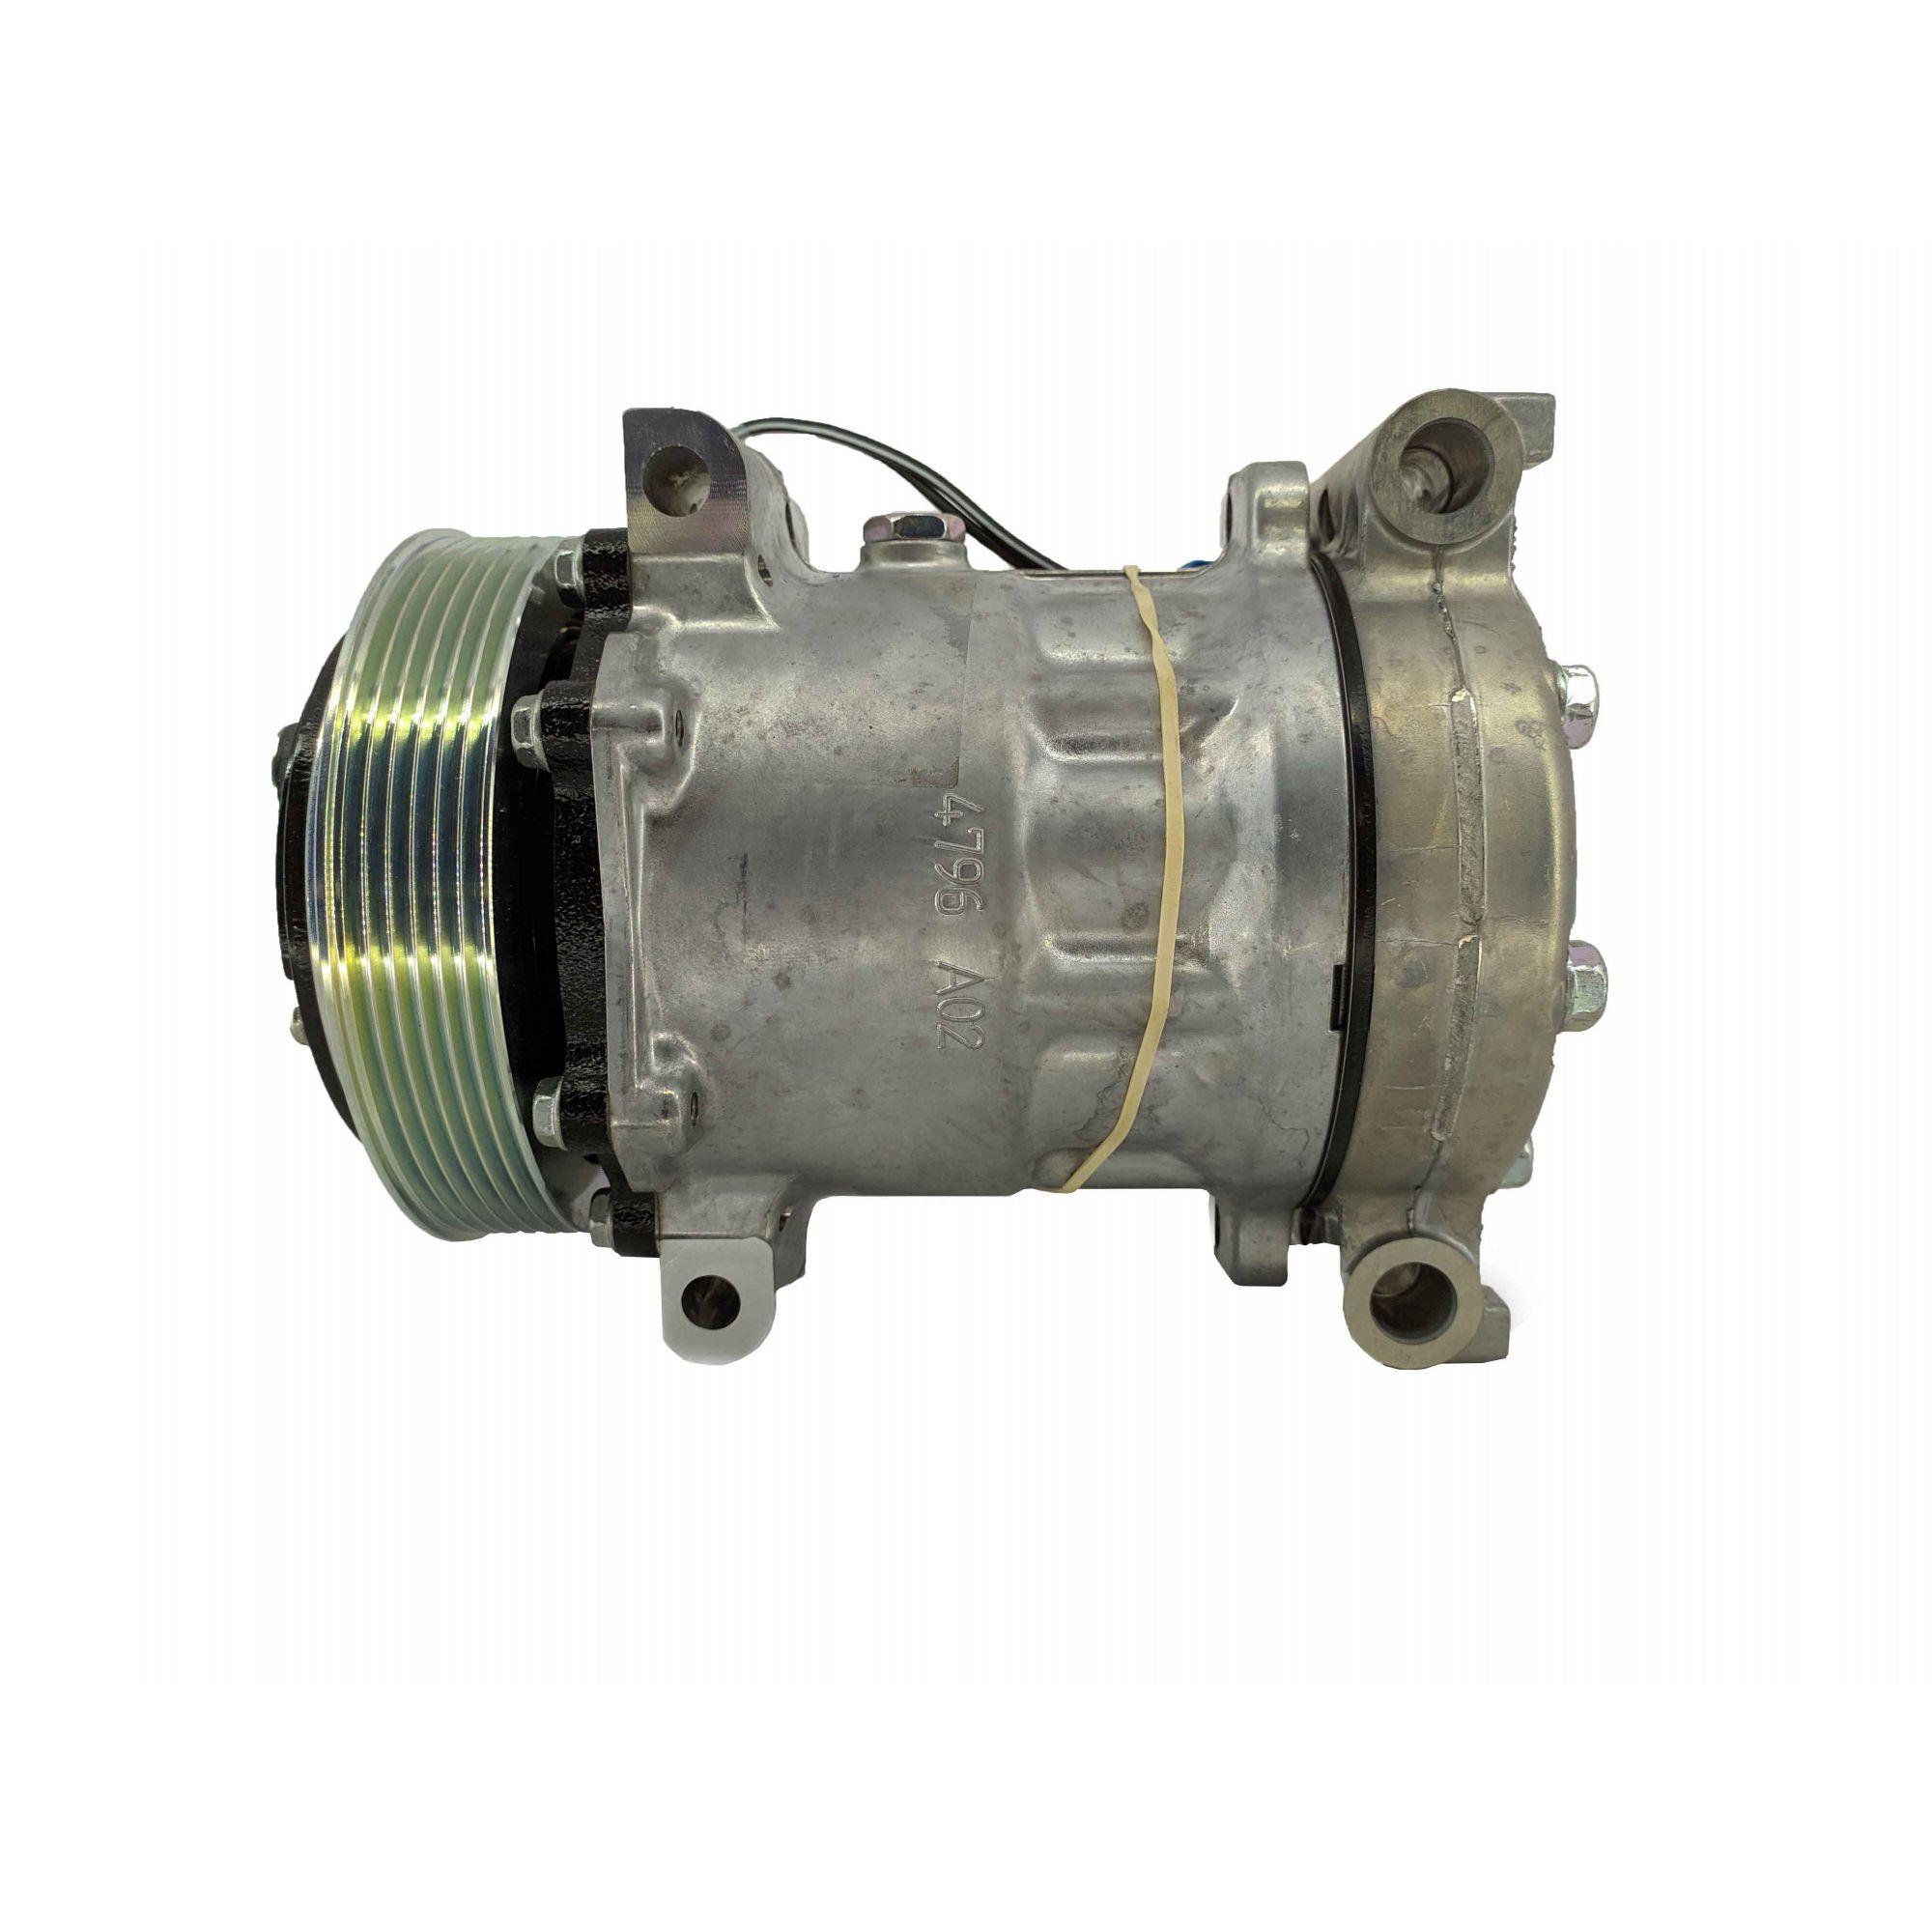 Compressor S10 / Blazer V6 - Original SANDEN